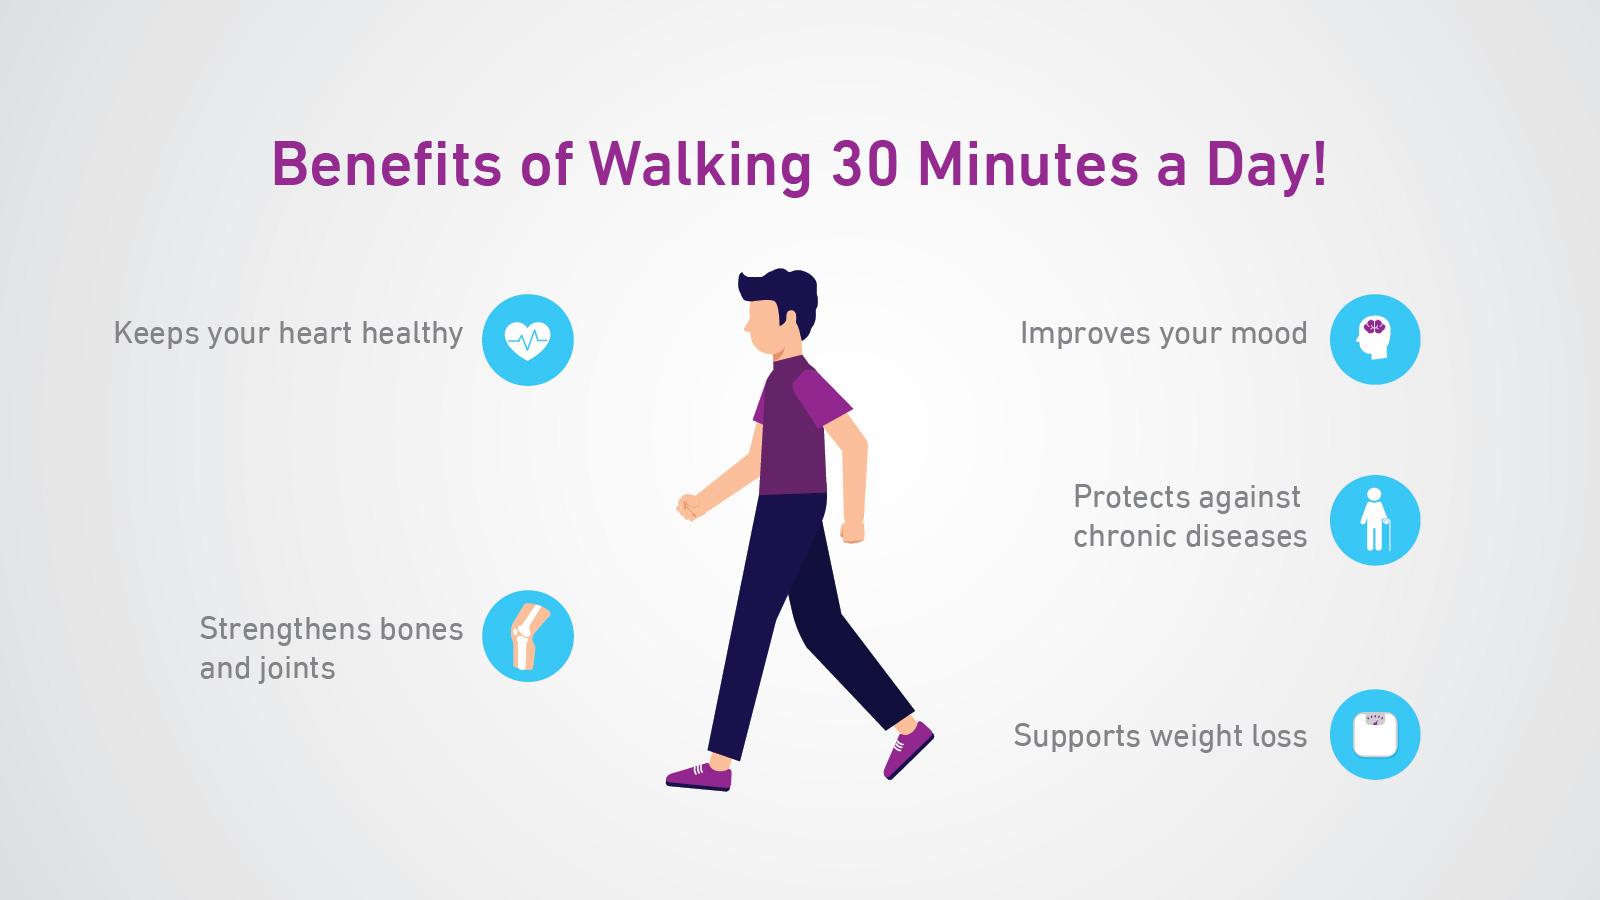 30 ประโยชน์ของการเดิน 30 นาทีต่อวัน